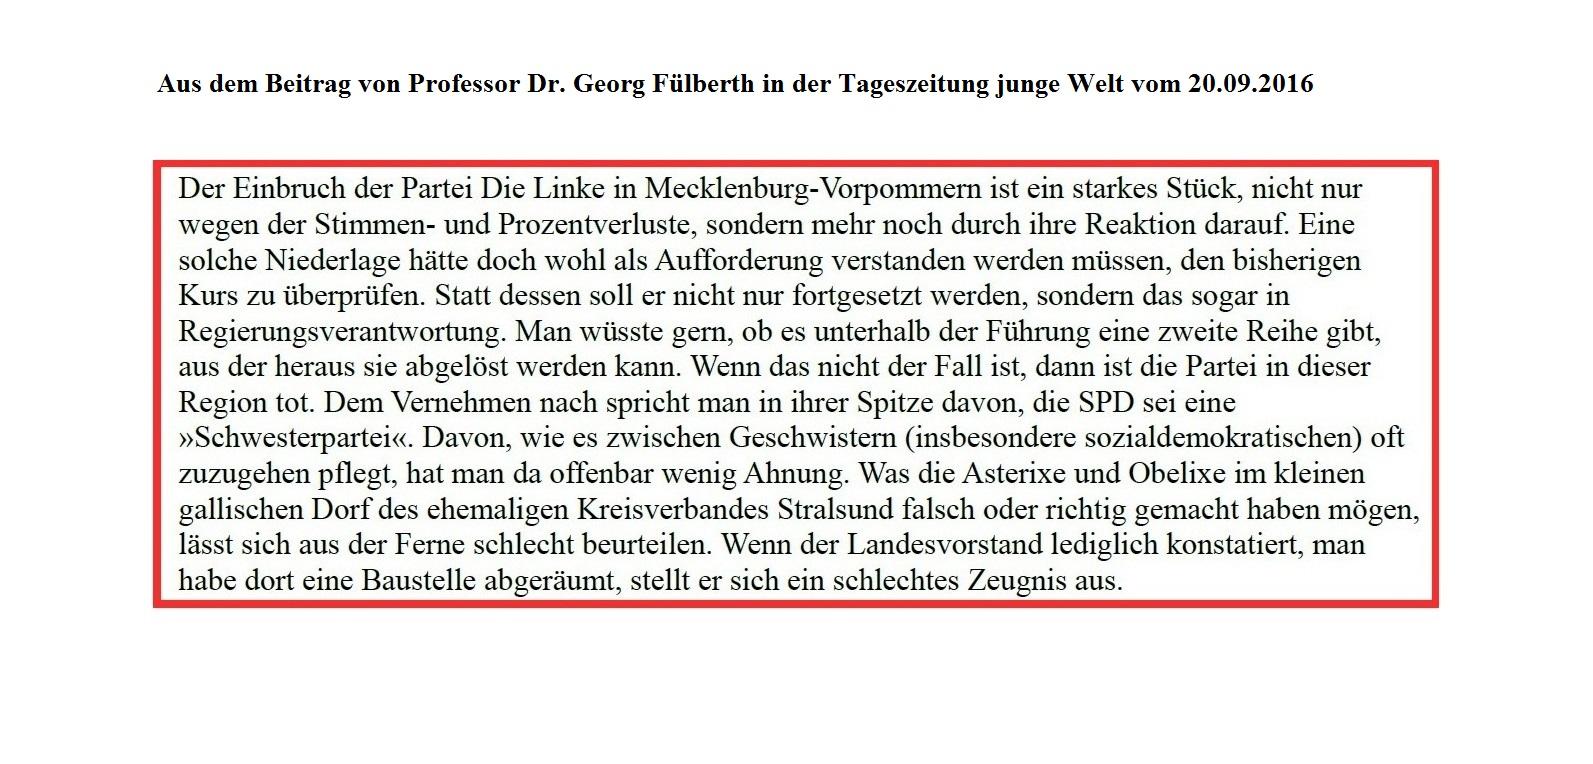 Aus dem Beitrag von Professor Dr. Georg Fülberth in der Tageszeitung junge Welt vom 20.09.2016